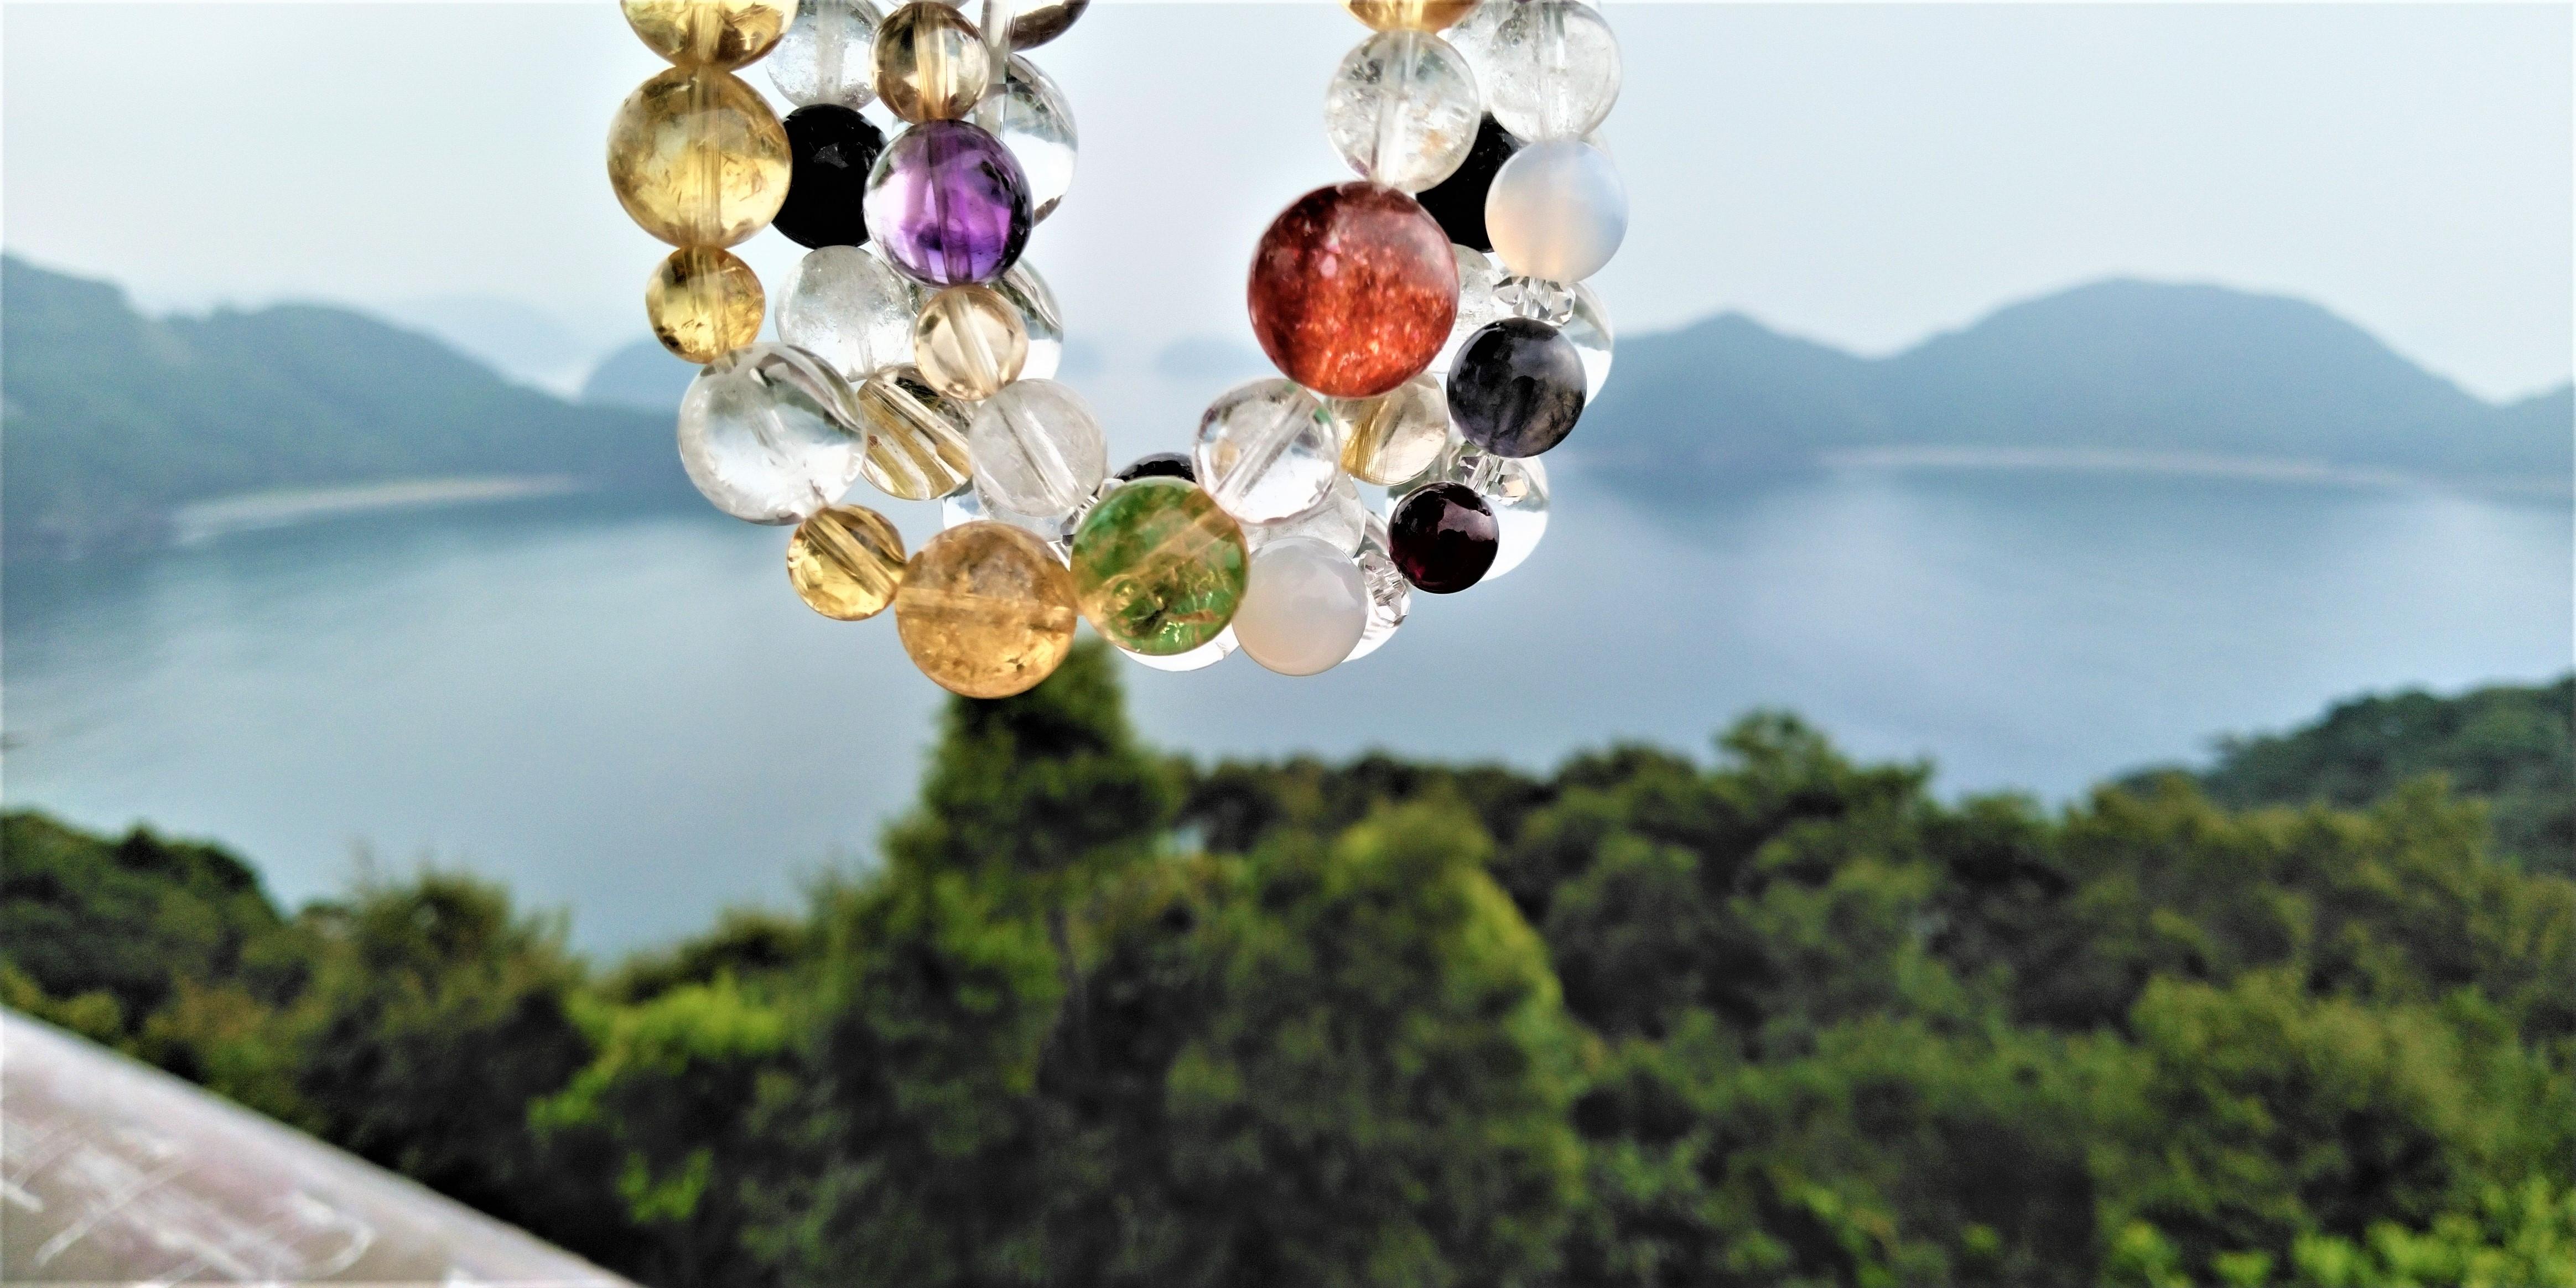 熊野那智大社と那智の滝 マリア様からの投稿写真で癒されて♪いつもありがとう!